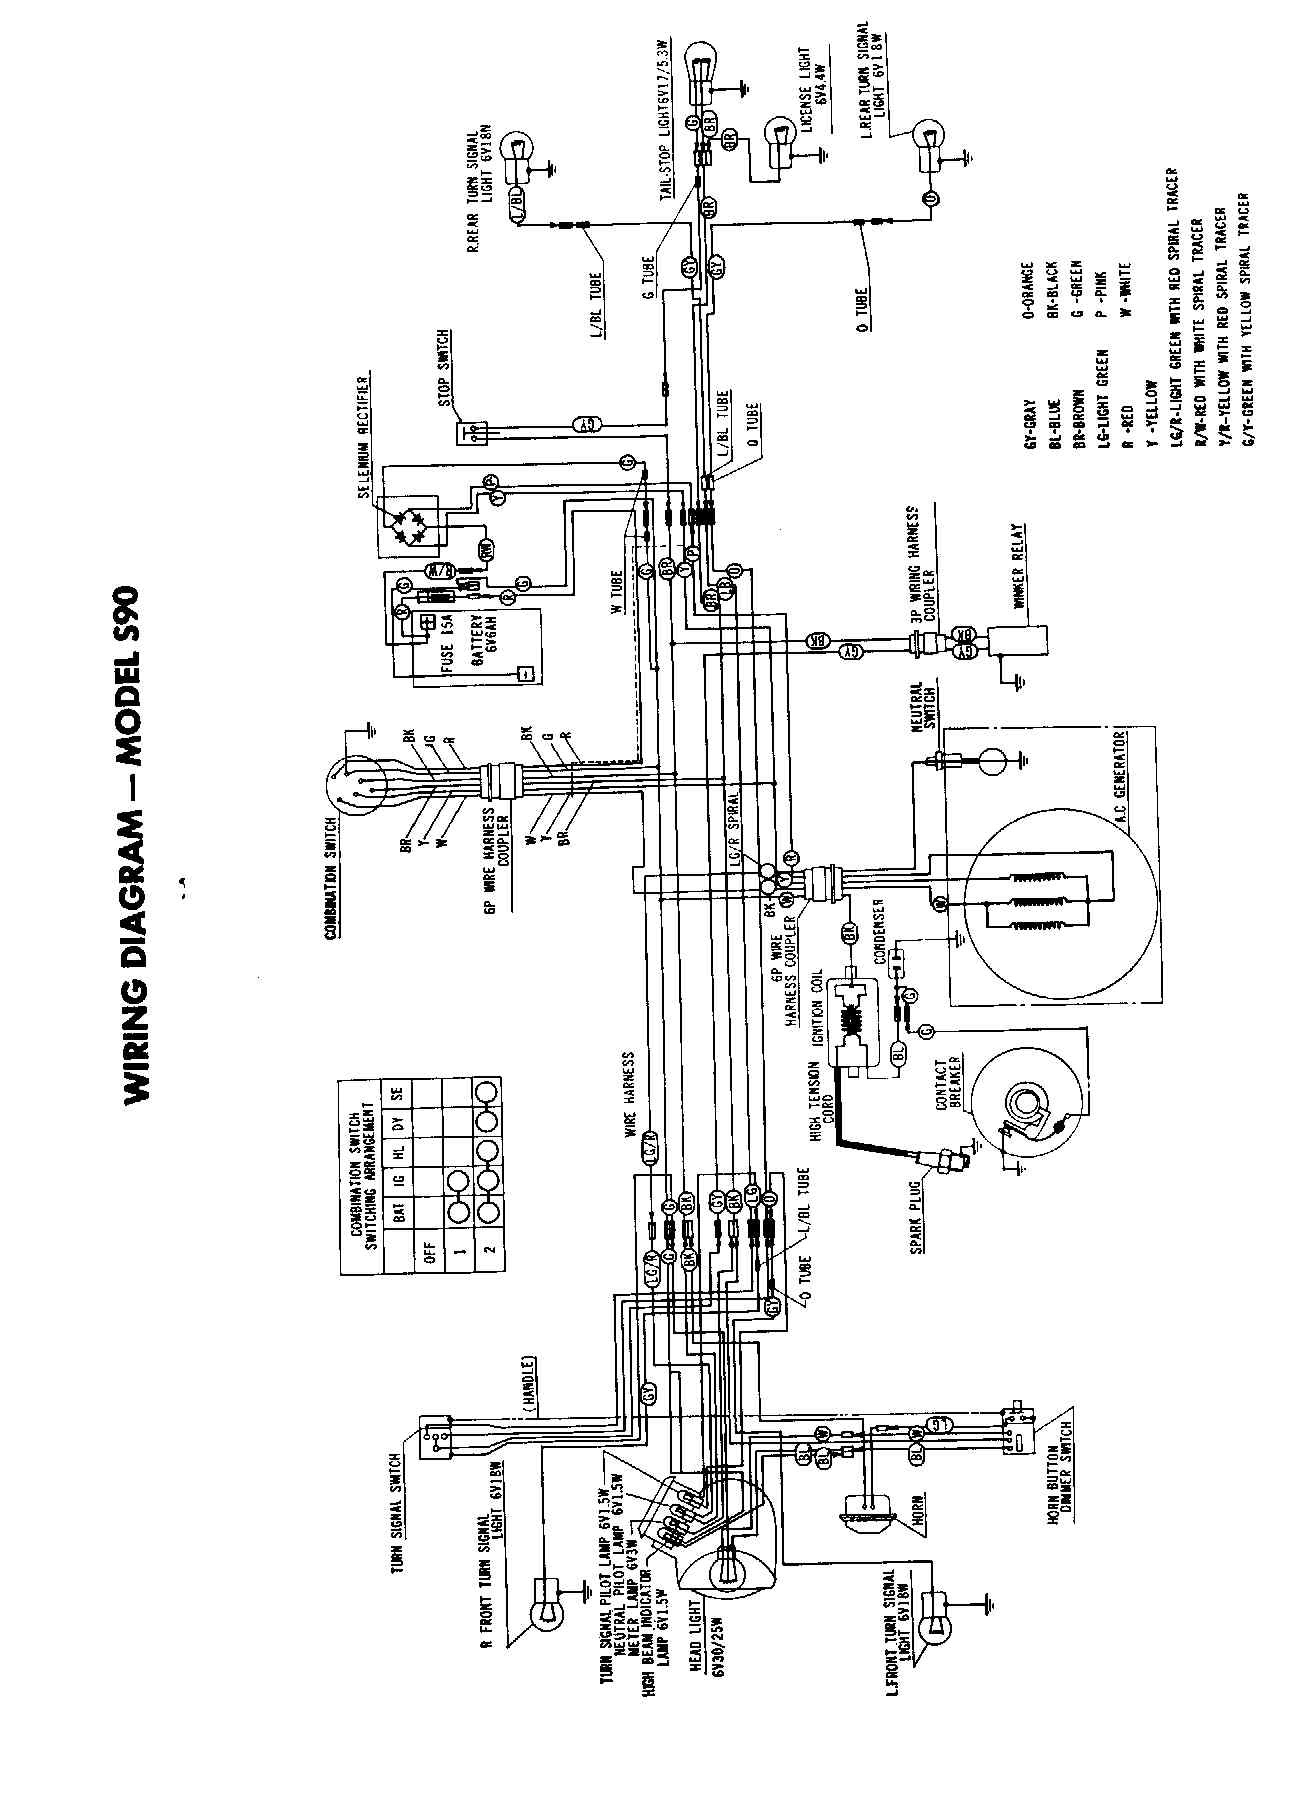 [DIAGRAM] 1983 Honda C70 Wiring Diagrams FULL Version HD